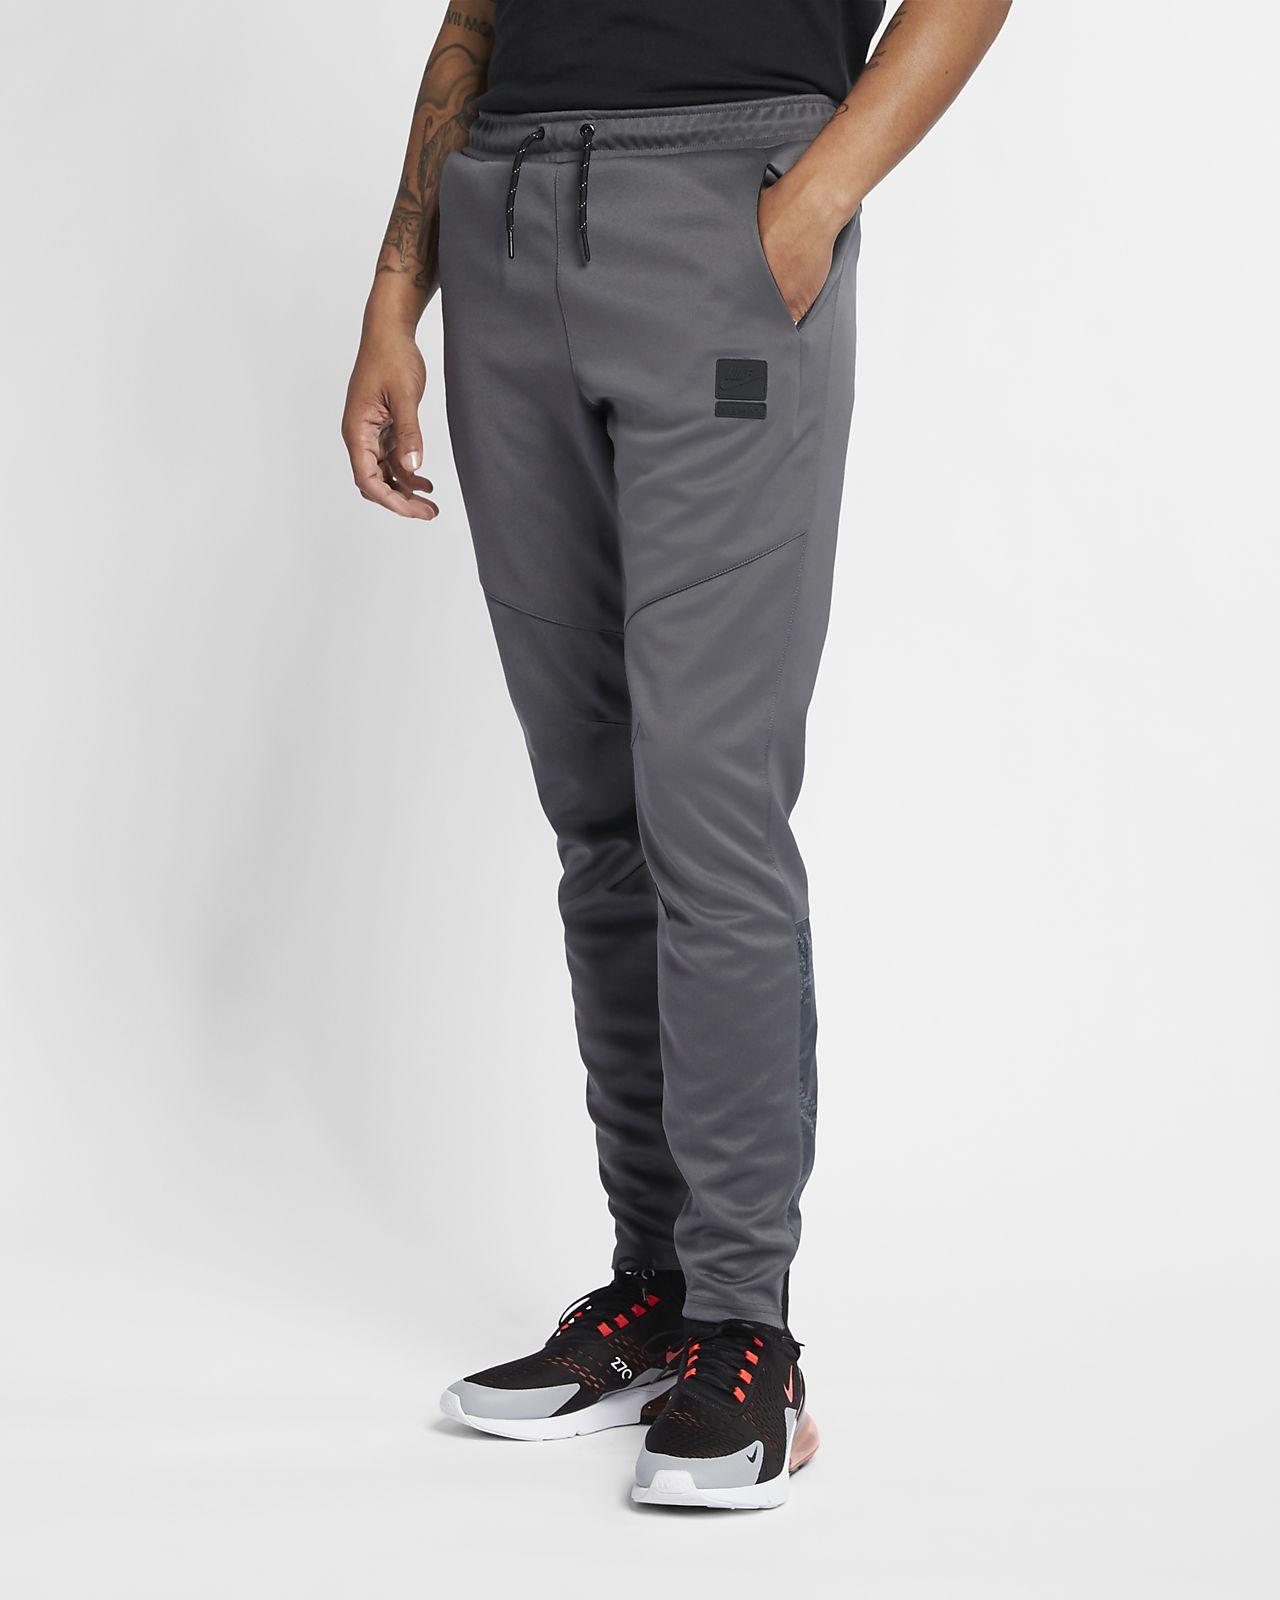 new concept b3707 6d623 ... Pantalon de jogging Nike Air Max pour Homme